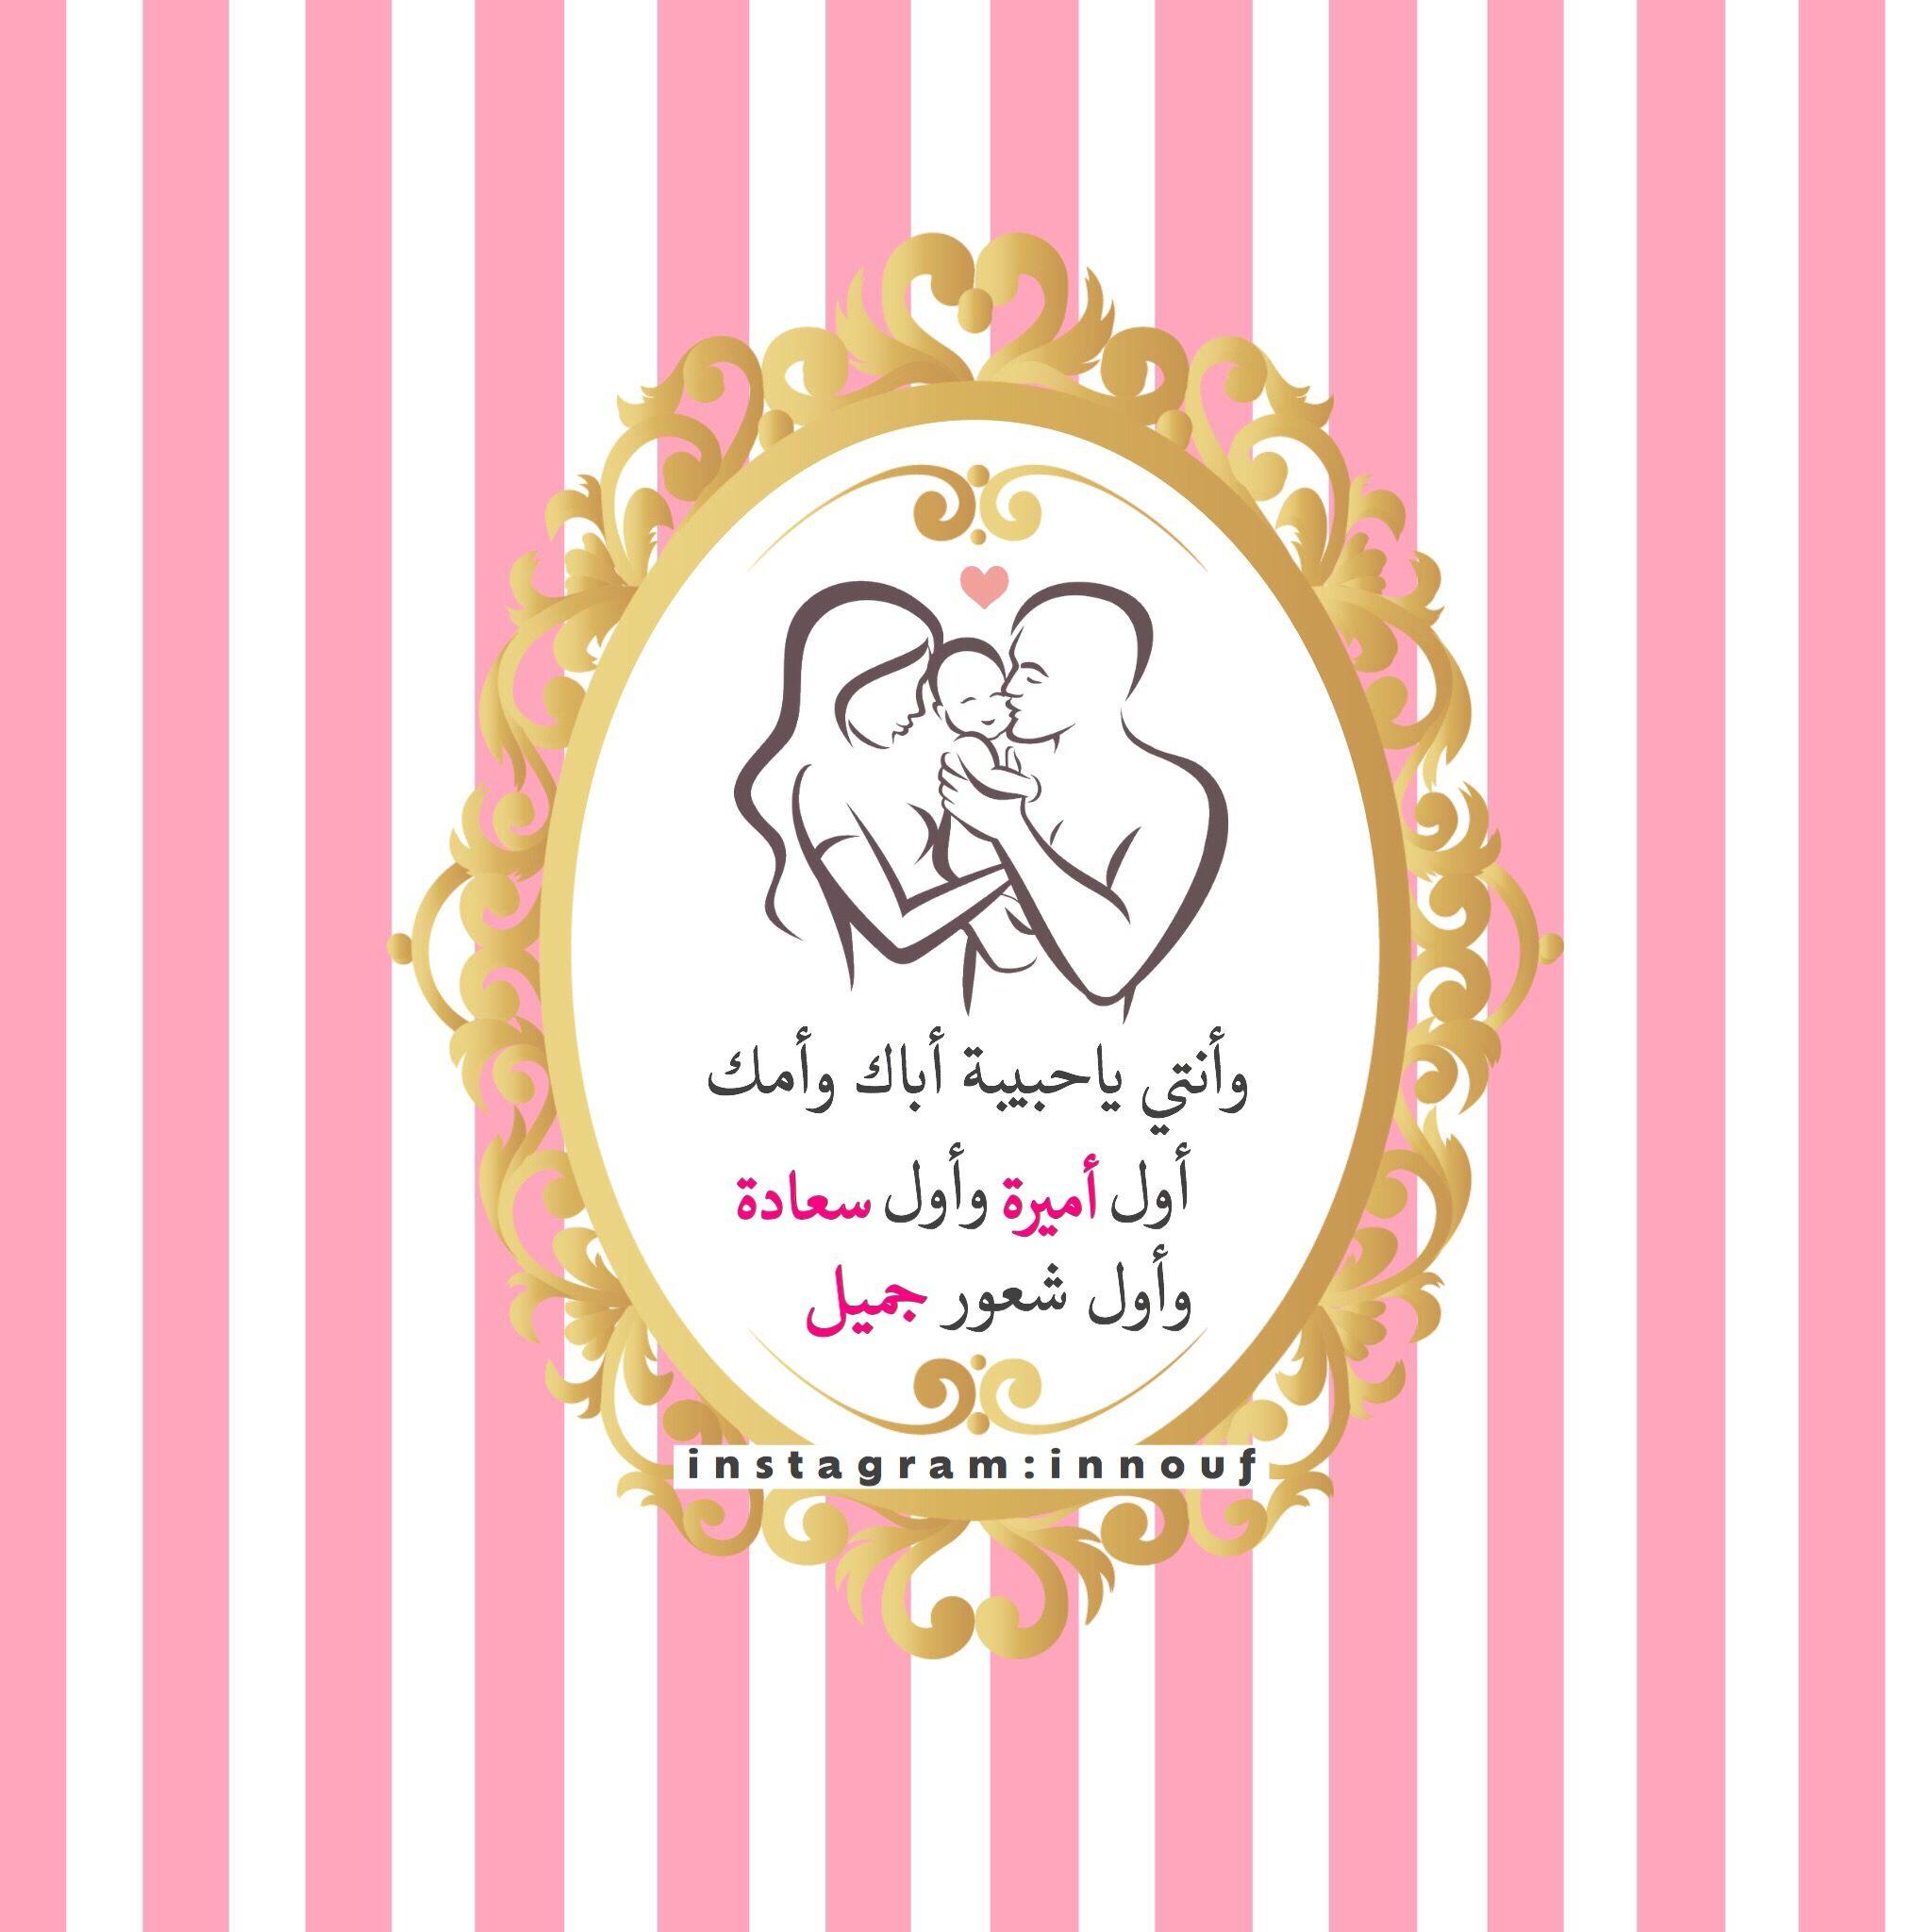 تصميم مواليد ثيمات خلفيات Cute Picsart تصاميم امي ابي Baby ادوات قلب اطفال ملصق افتار Baby Girl Drawing Valentine Wedding Card Origami Gift Box